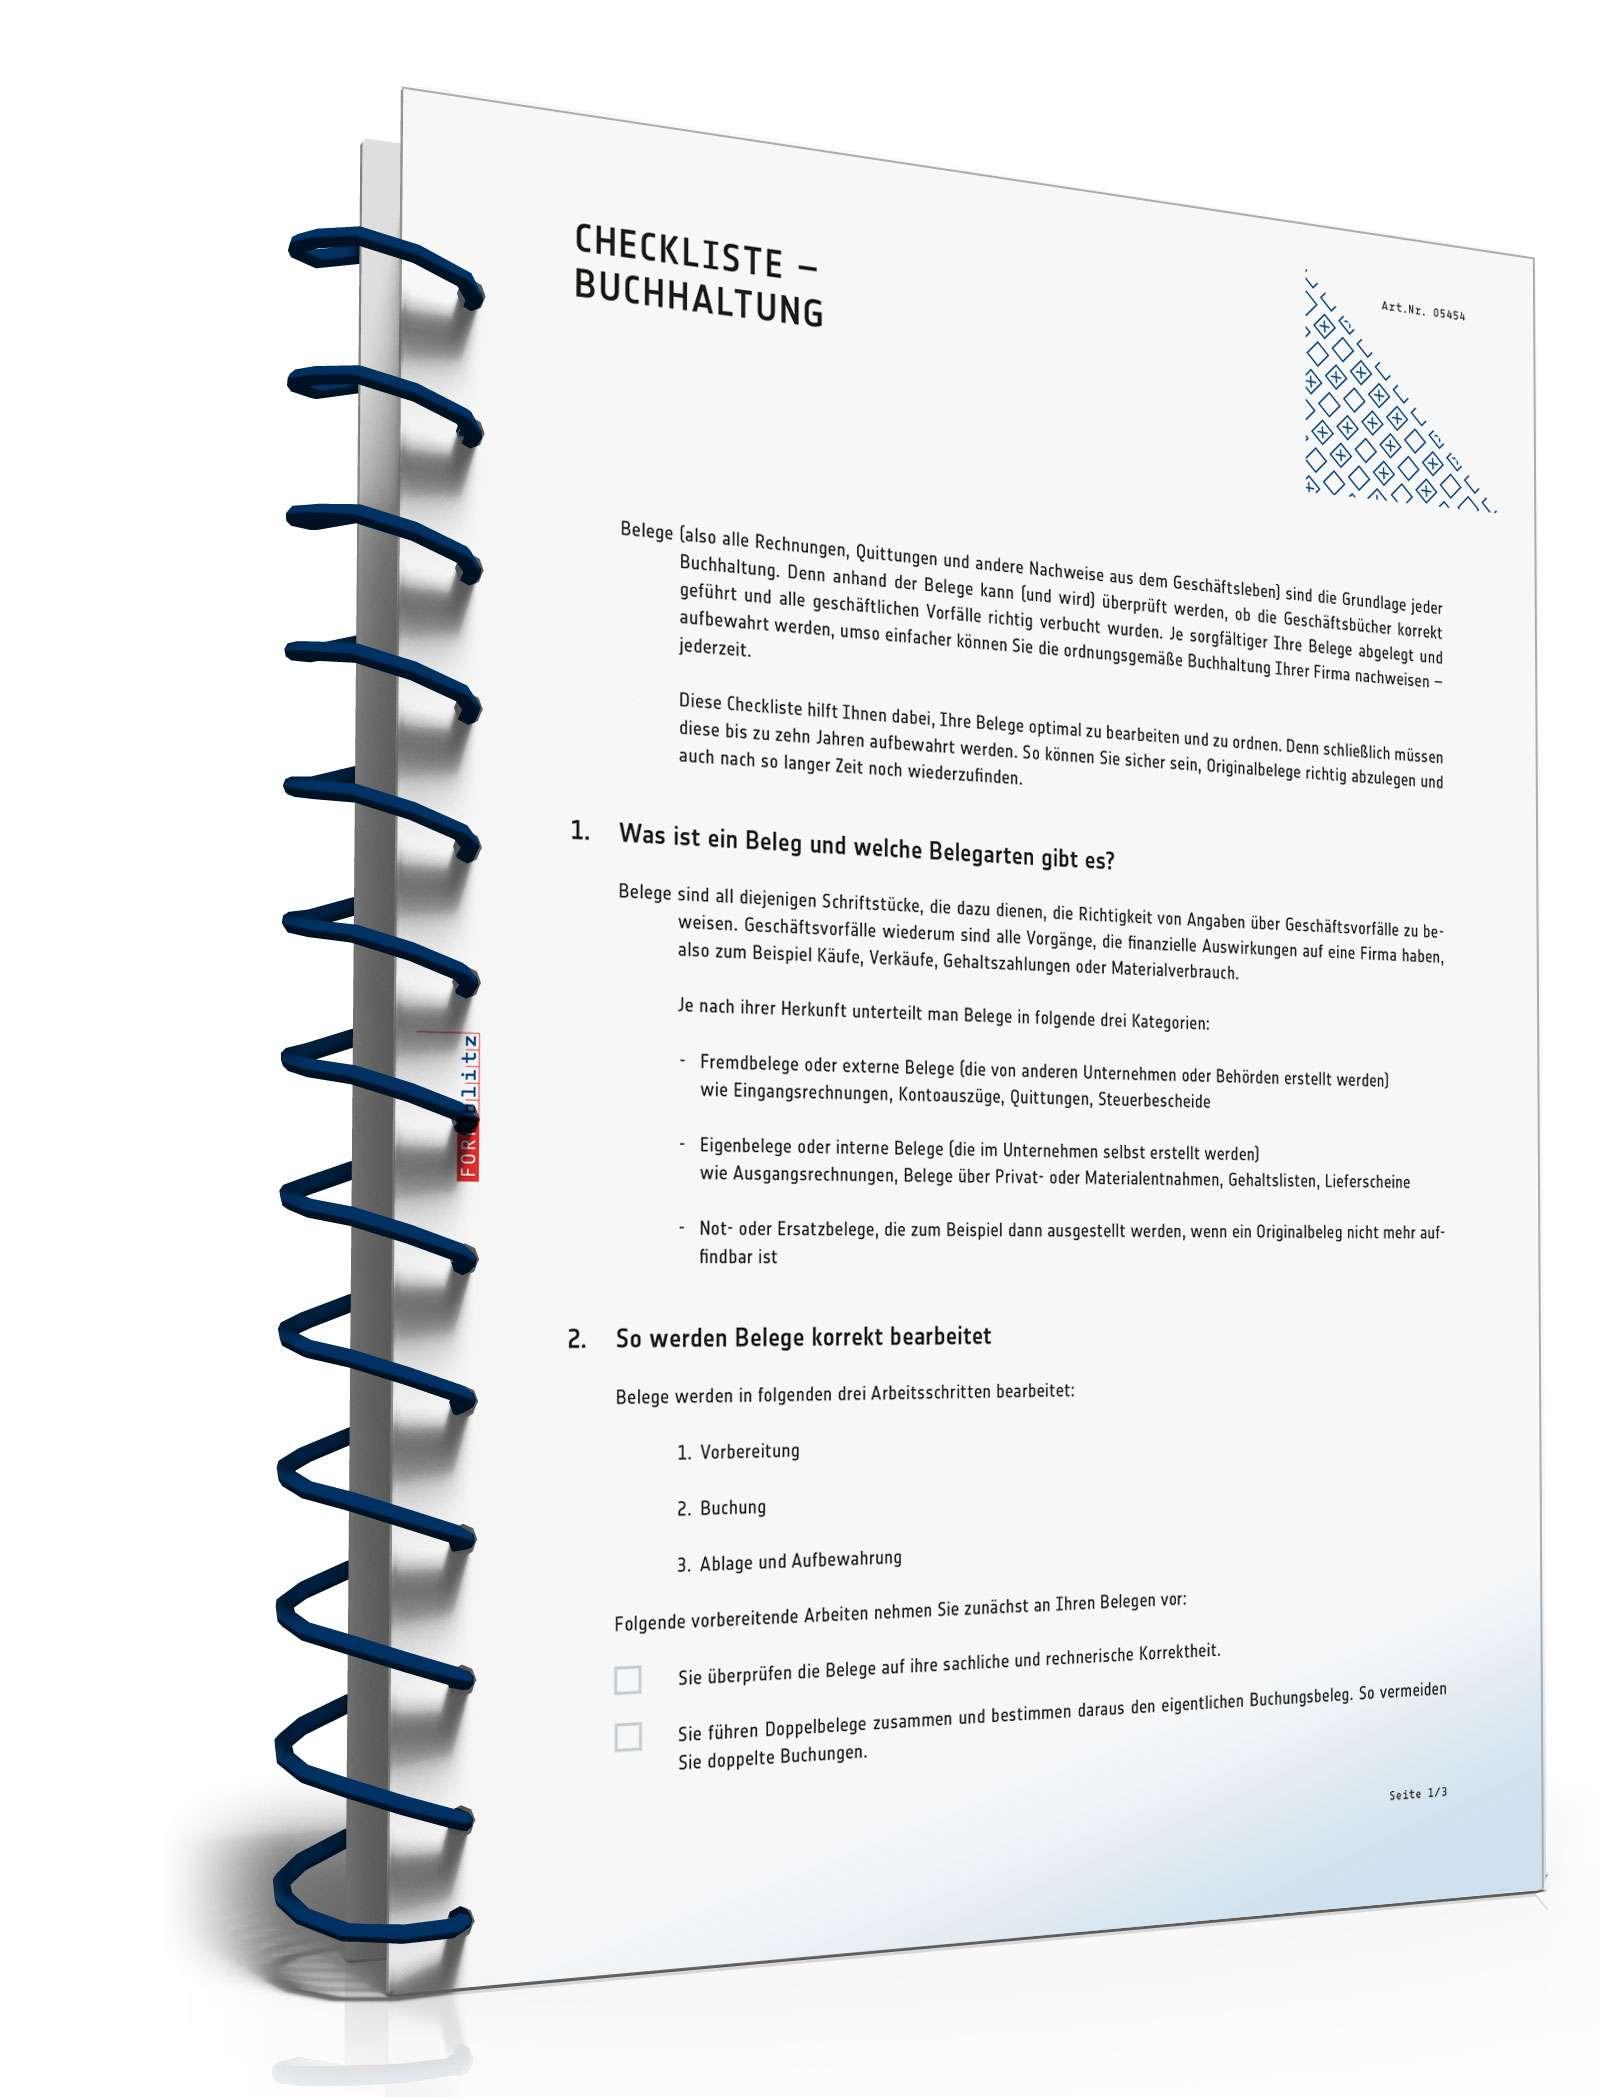 Ungewöhnlich Vorlage Checkliste Bilder - Beispiel Anschreiben für ...